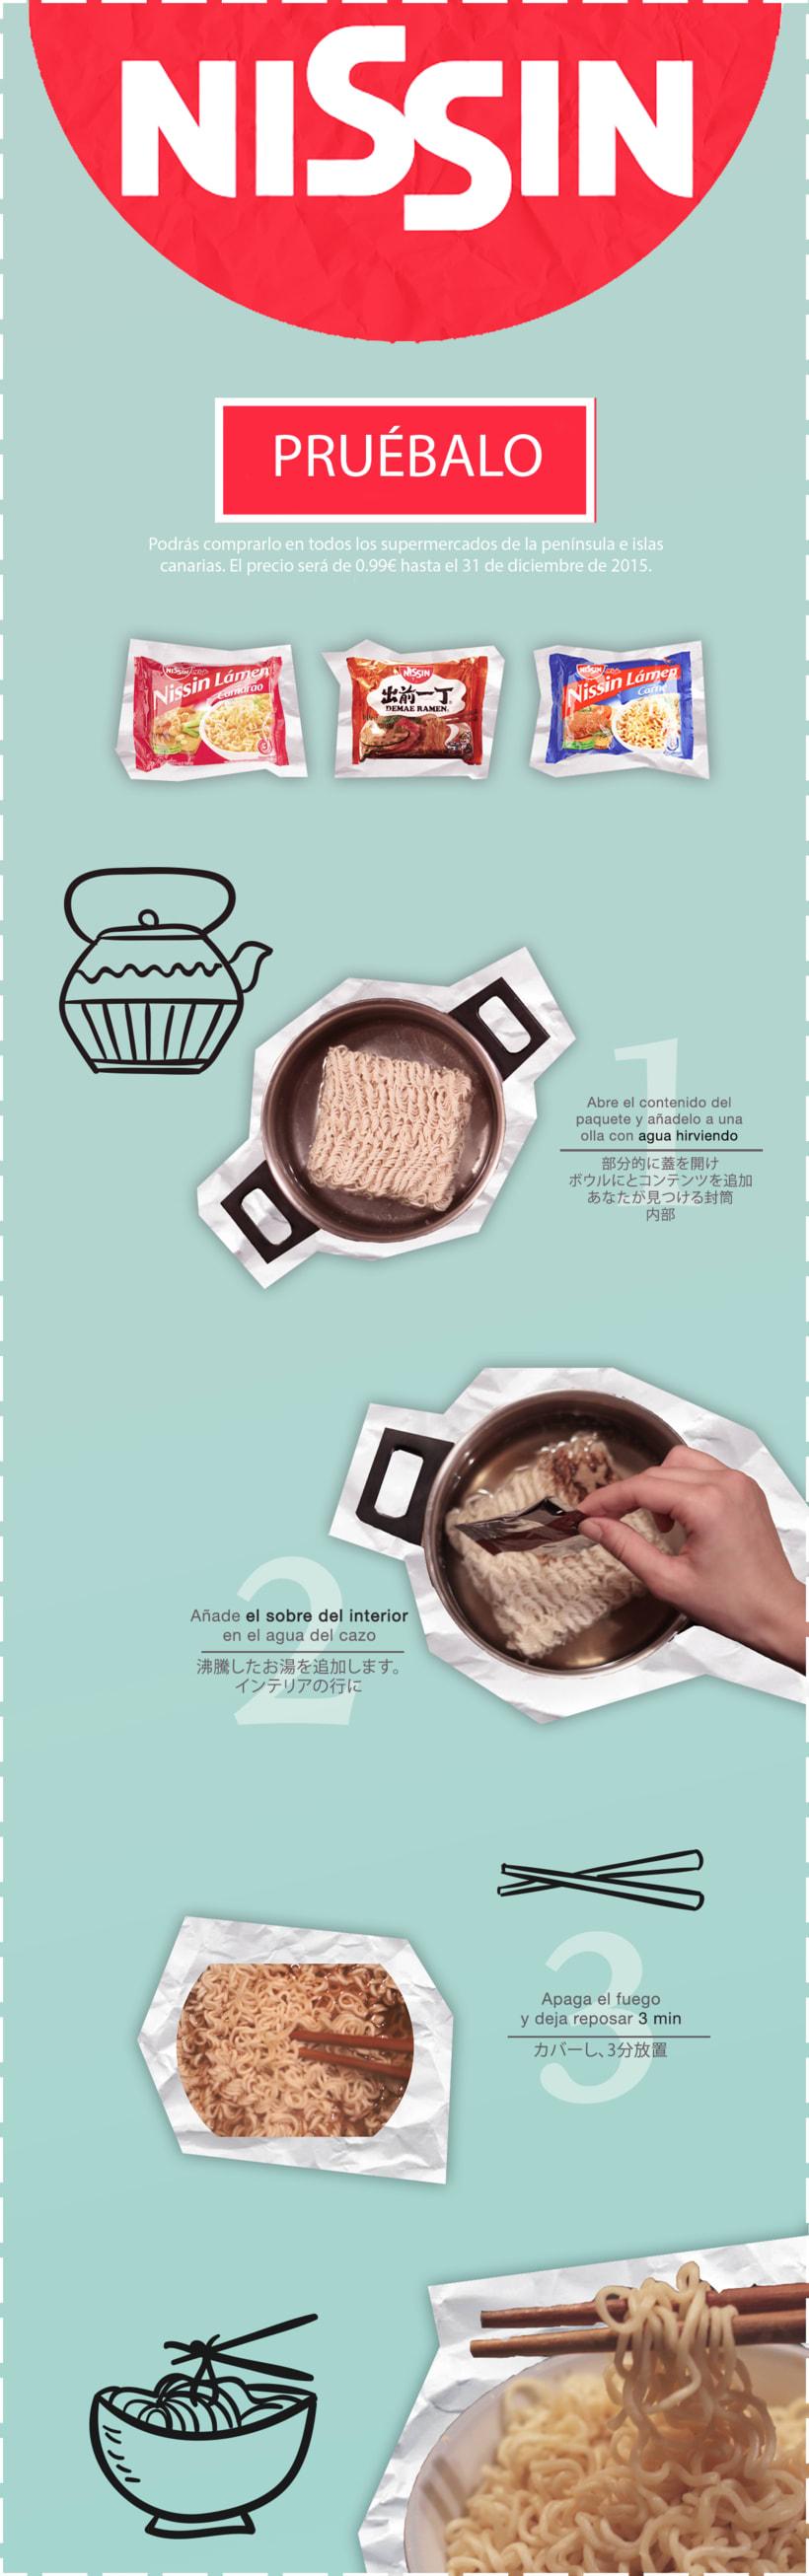 Noodles 2.0 1